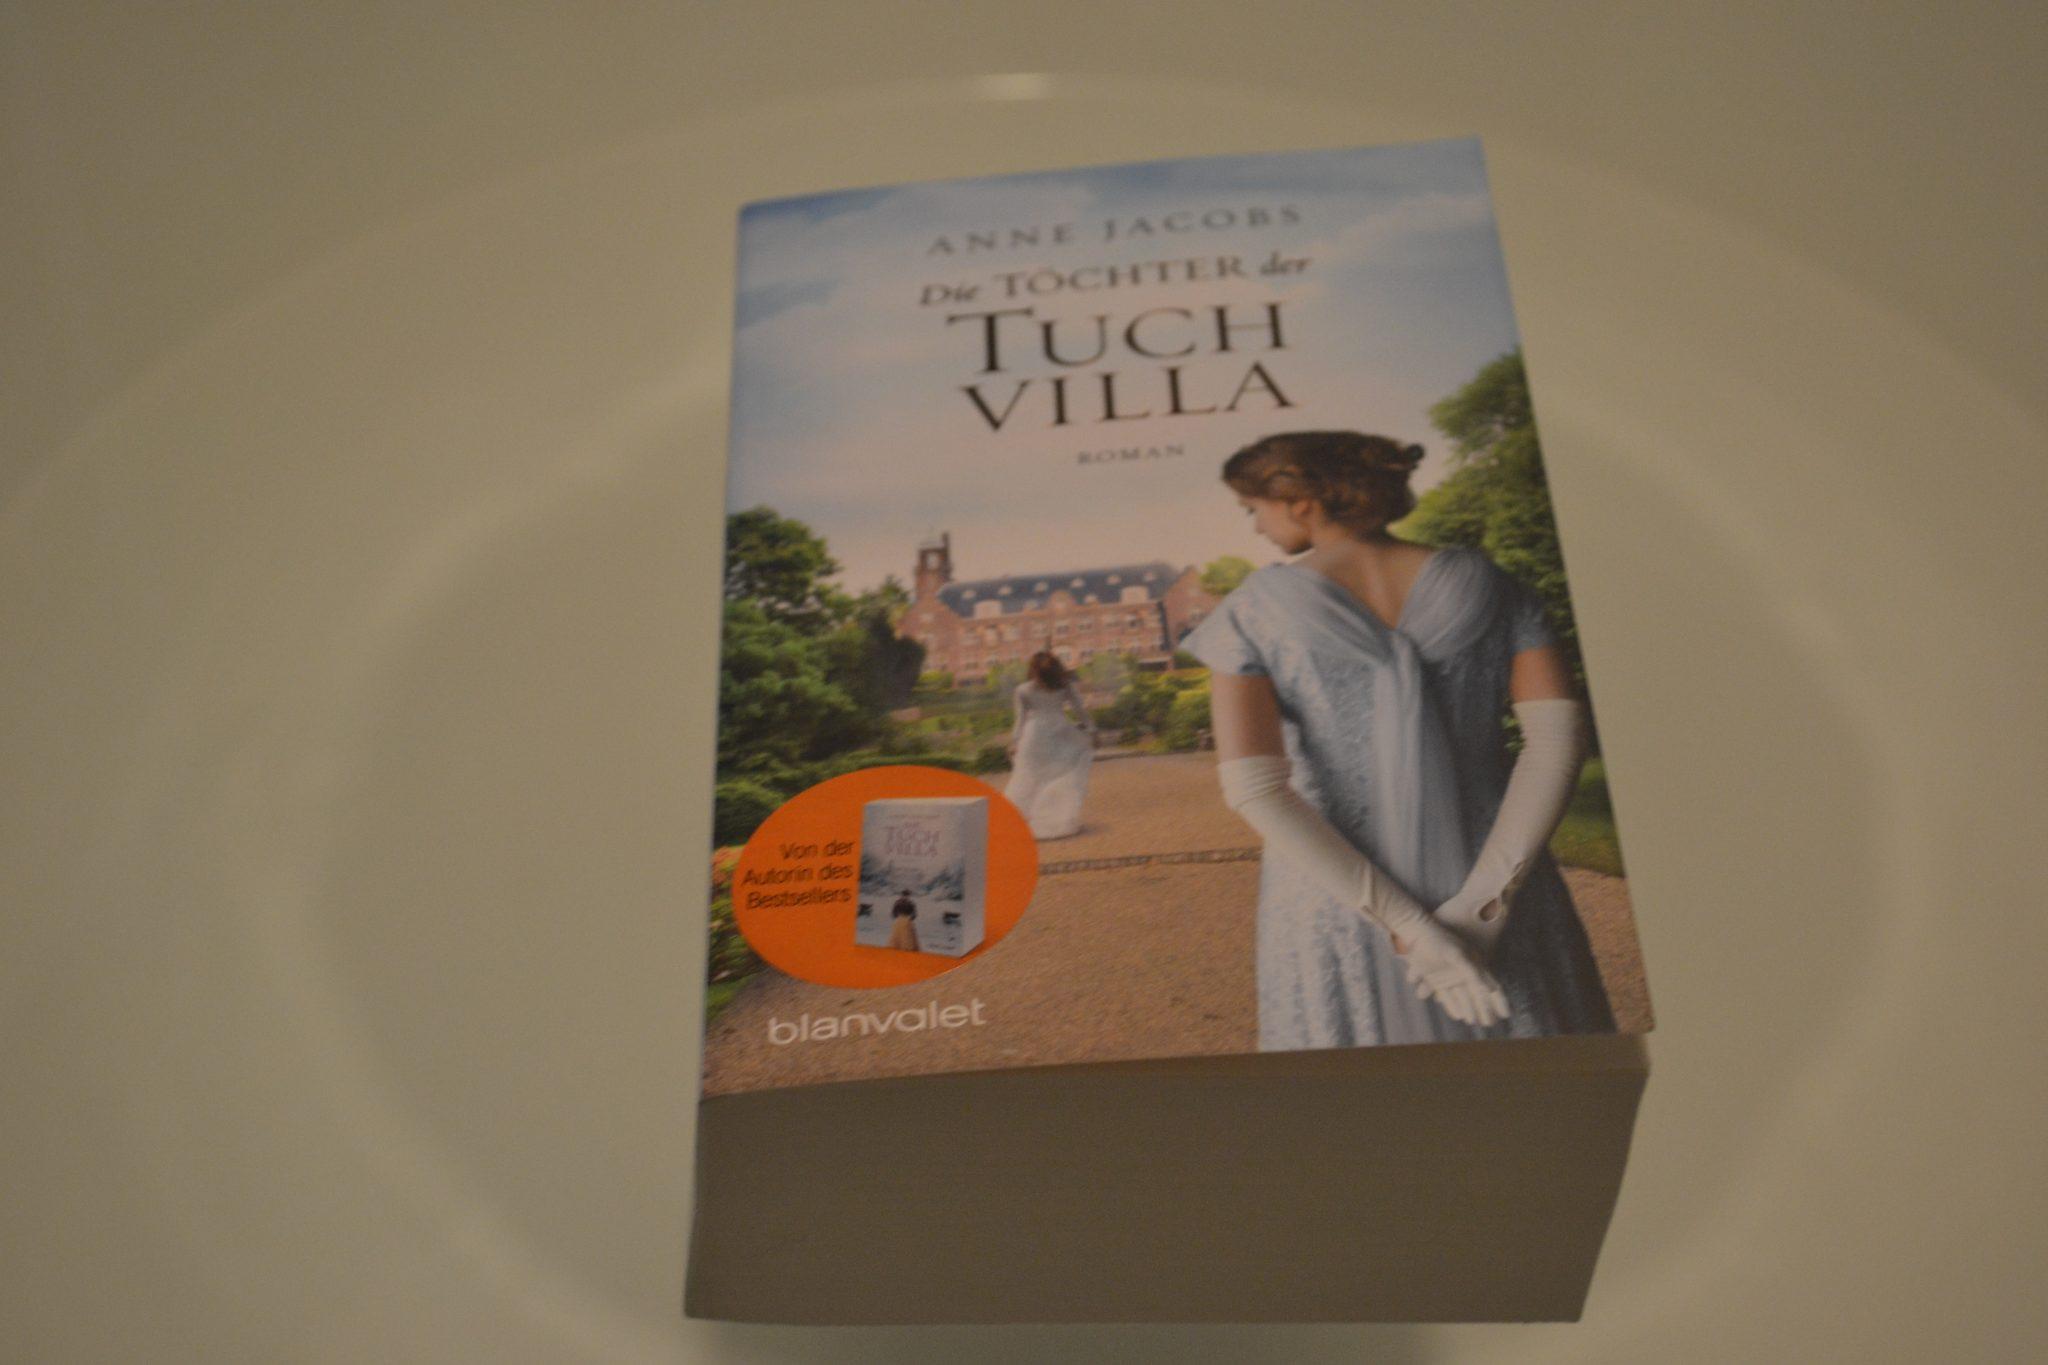 Books: Die Töchter der Tuchvilla | Ann Jacobs - DSC 0378